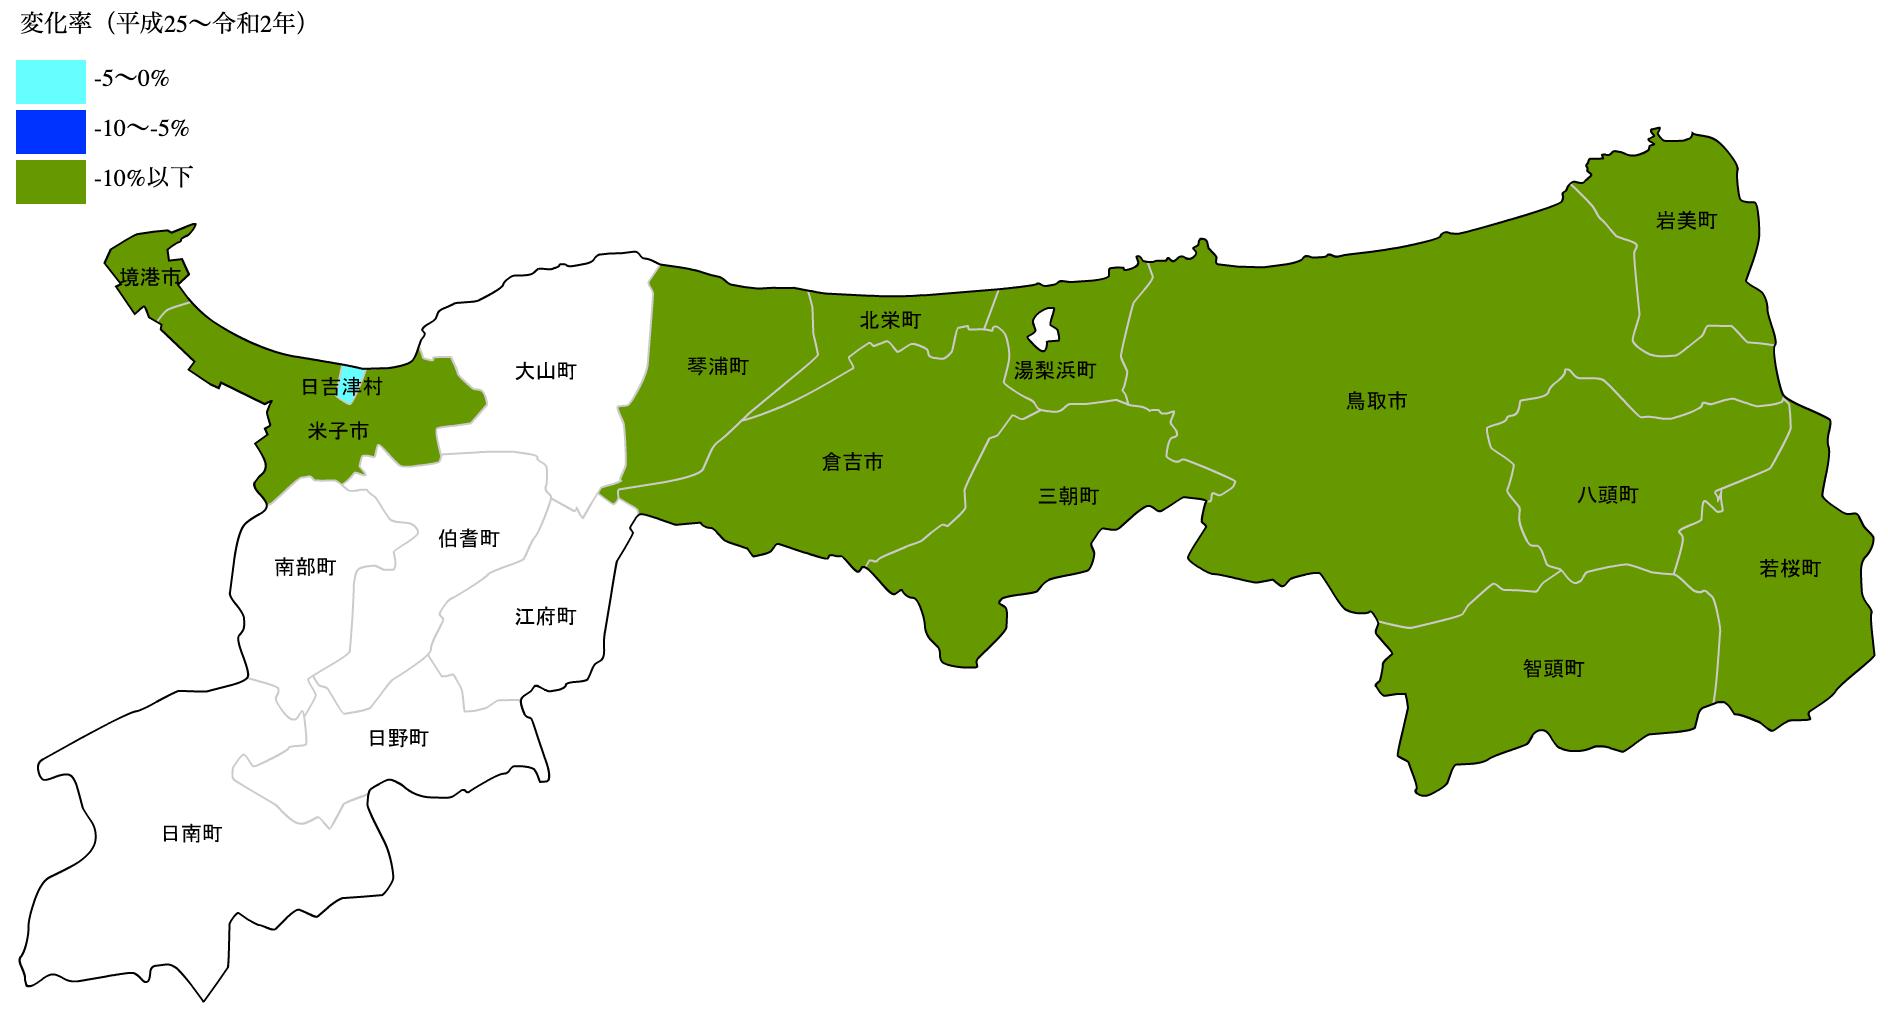 鳥取県の公示地価の変化率マップ